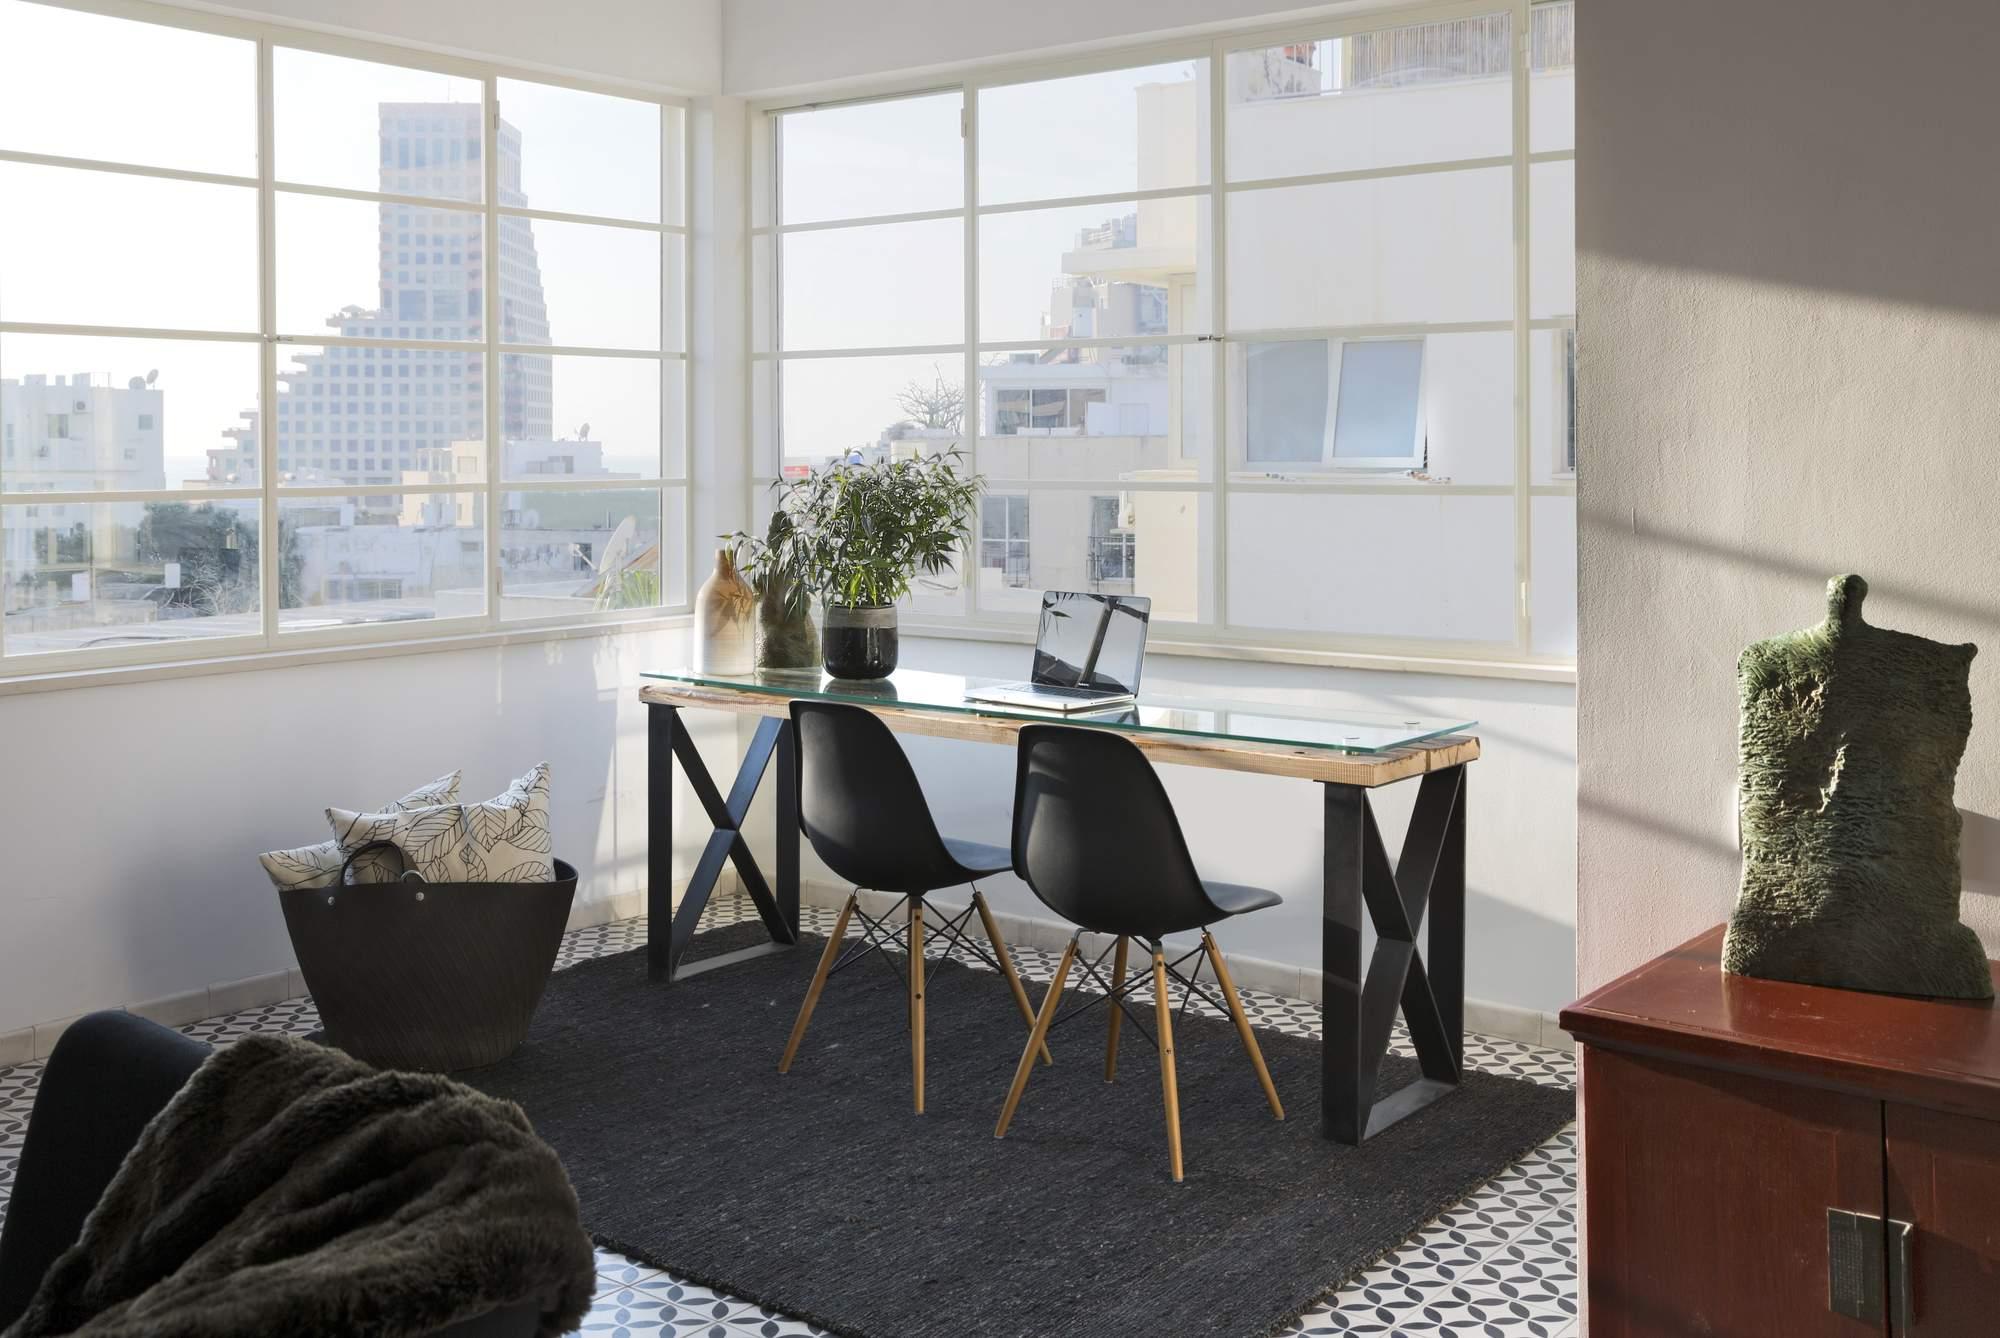 Апартаменты с высокой эстетикой в стиле баухаус, Израиль